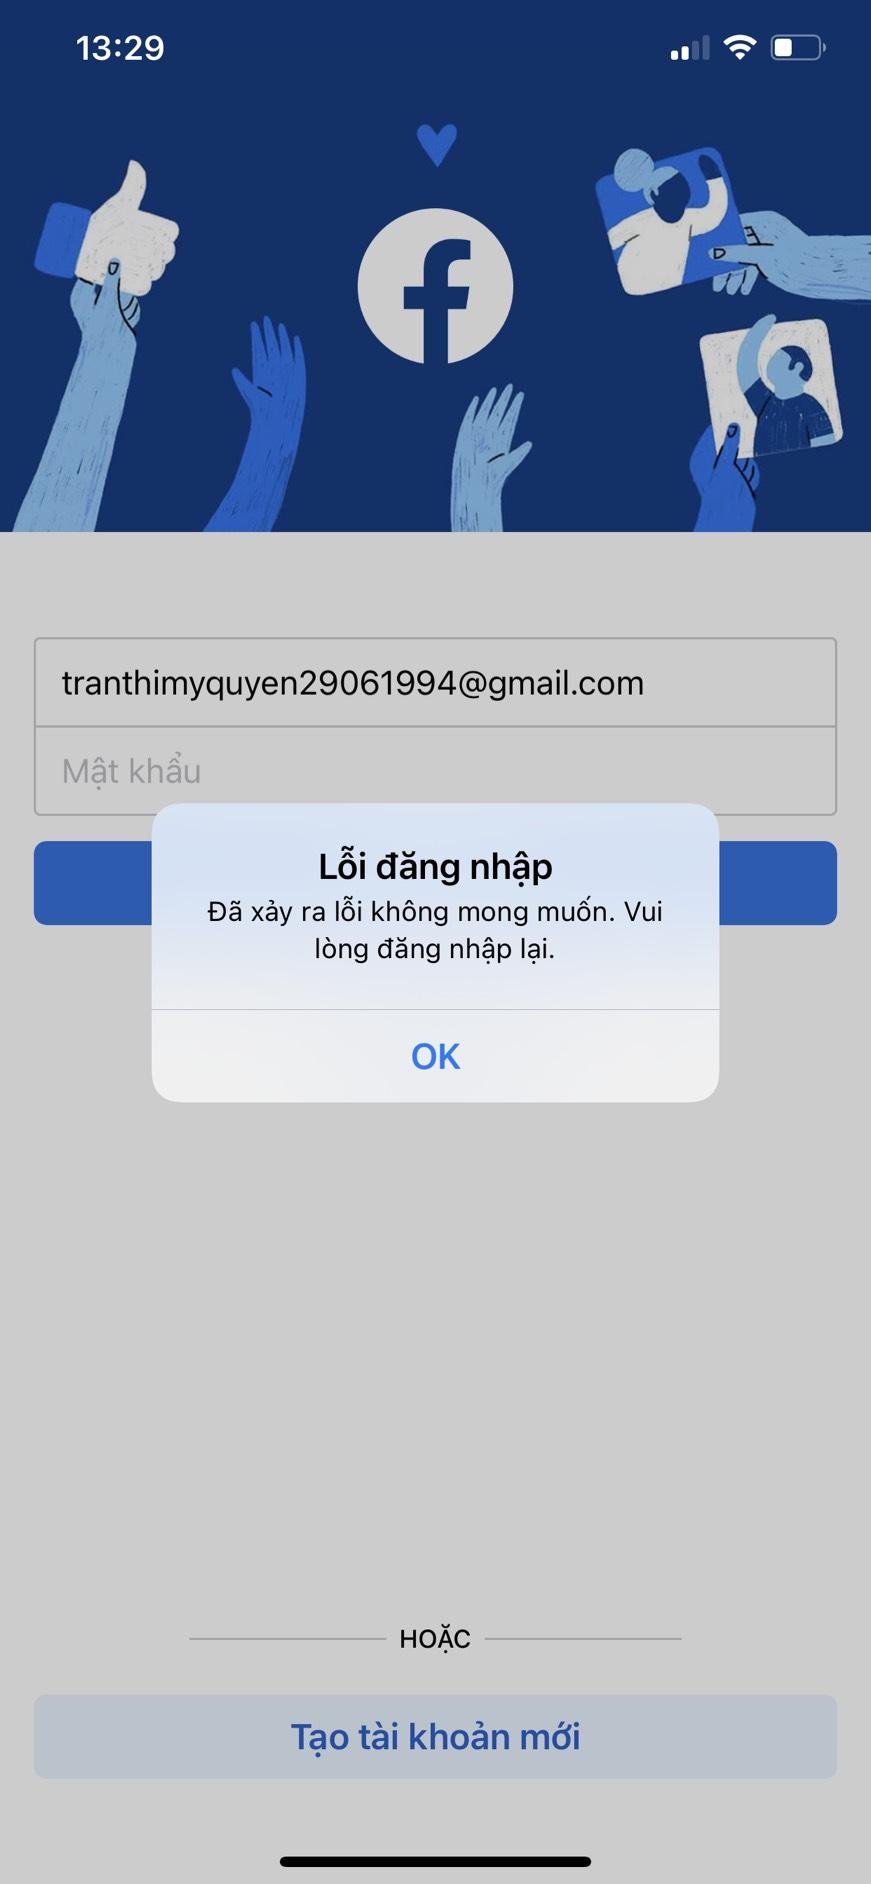 Facebook lỗi đăng nhập đã xảy ra lỗi không mong muốn. vui lòng đăng nhập lại